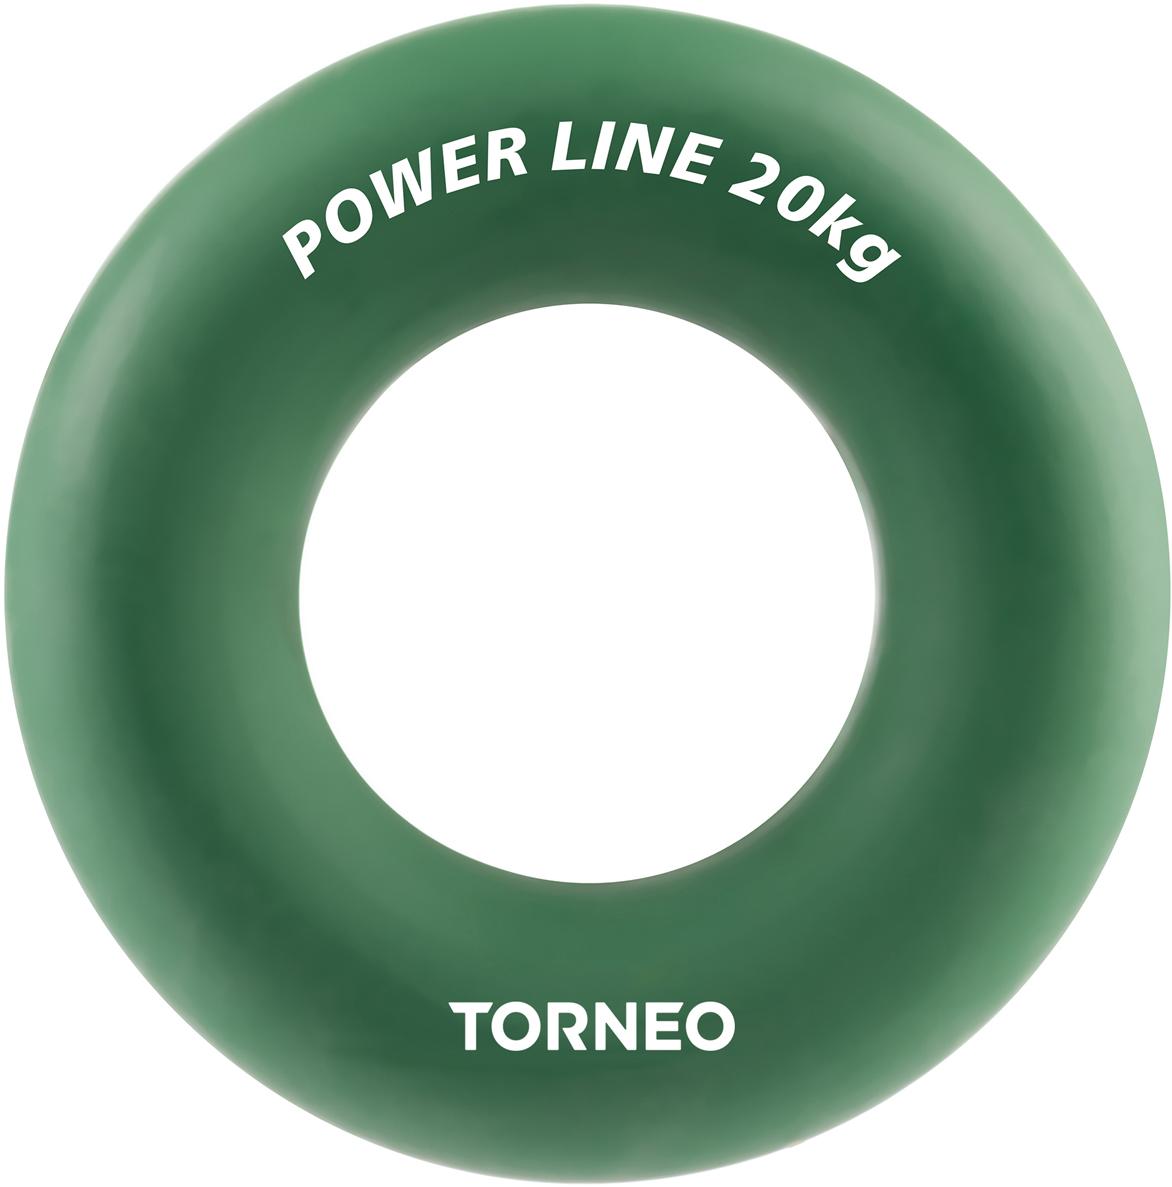 Эспандер кистевой Torneo, диаметр 8,8 см, сопротивление 20 кг, цвет: зеленый